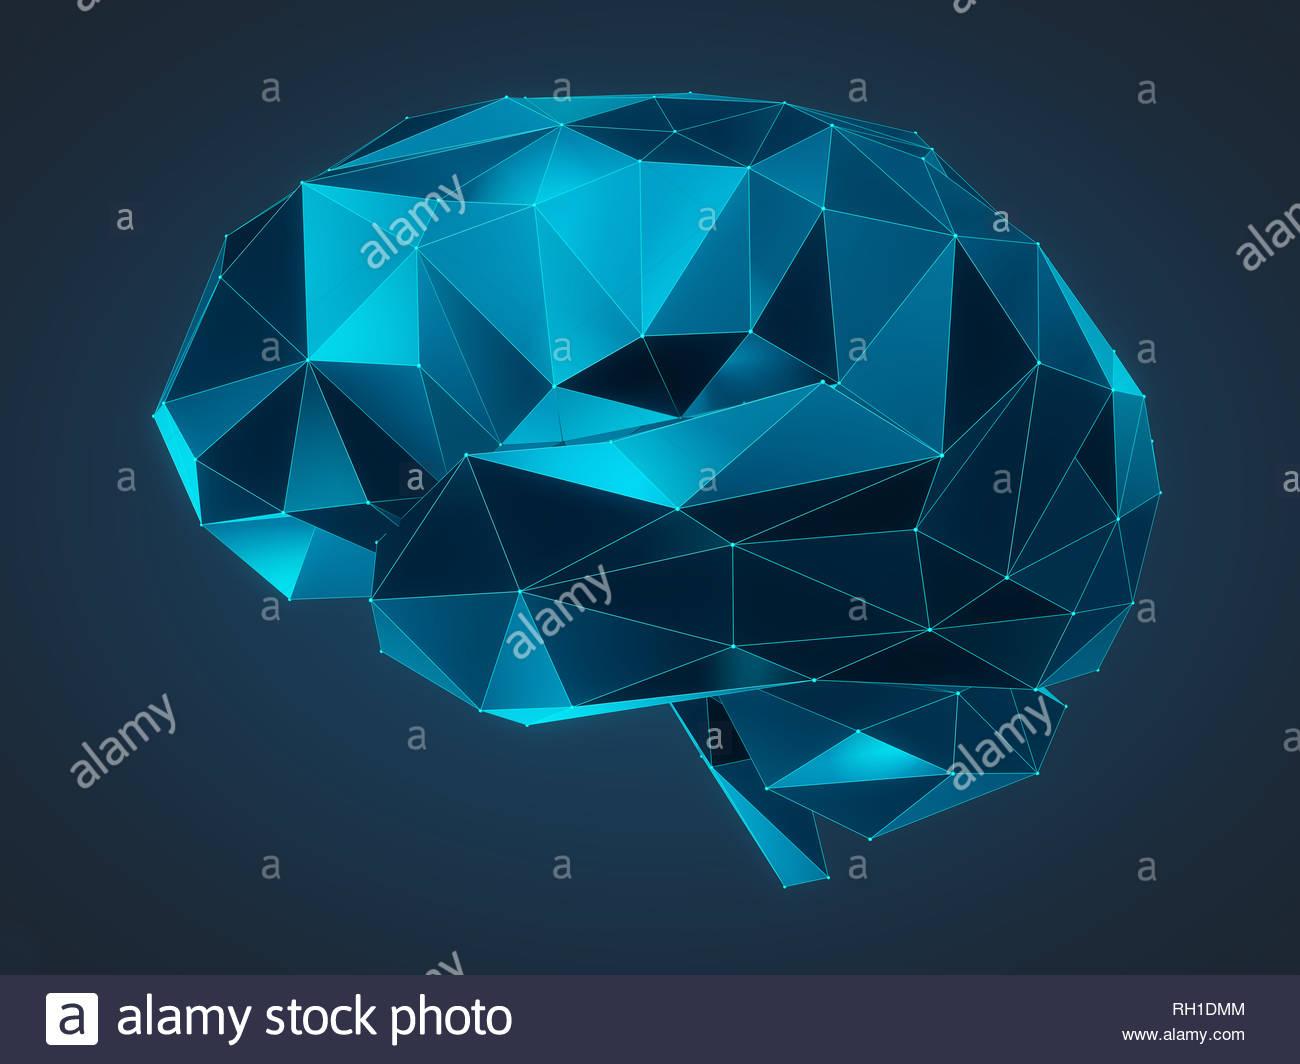 Ilustración 3d de un cerebro humano compuesto de líneas y formas poligonales Imagen De Stock